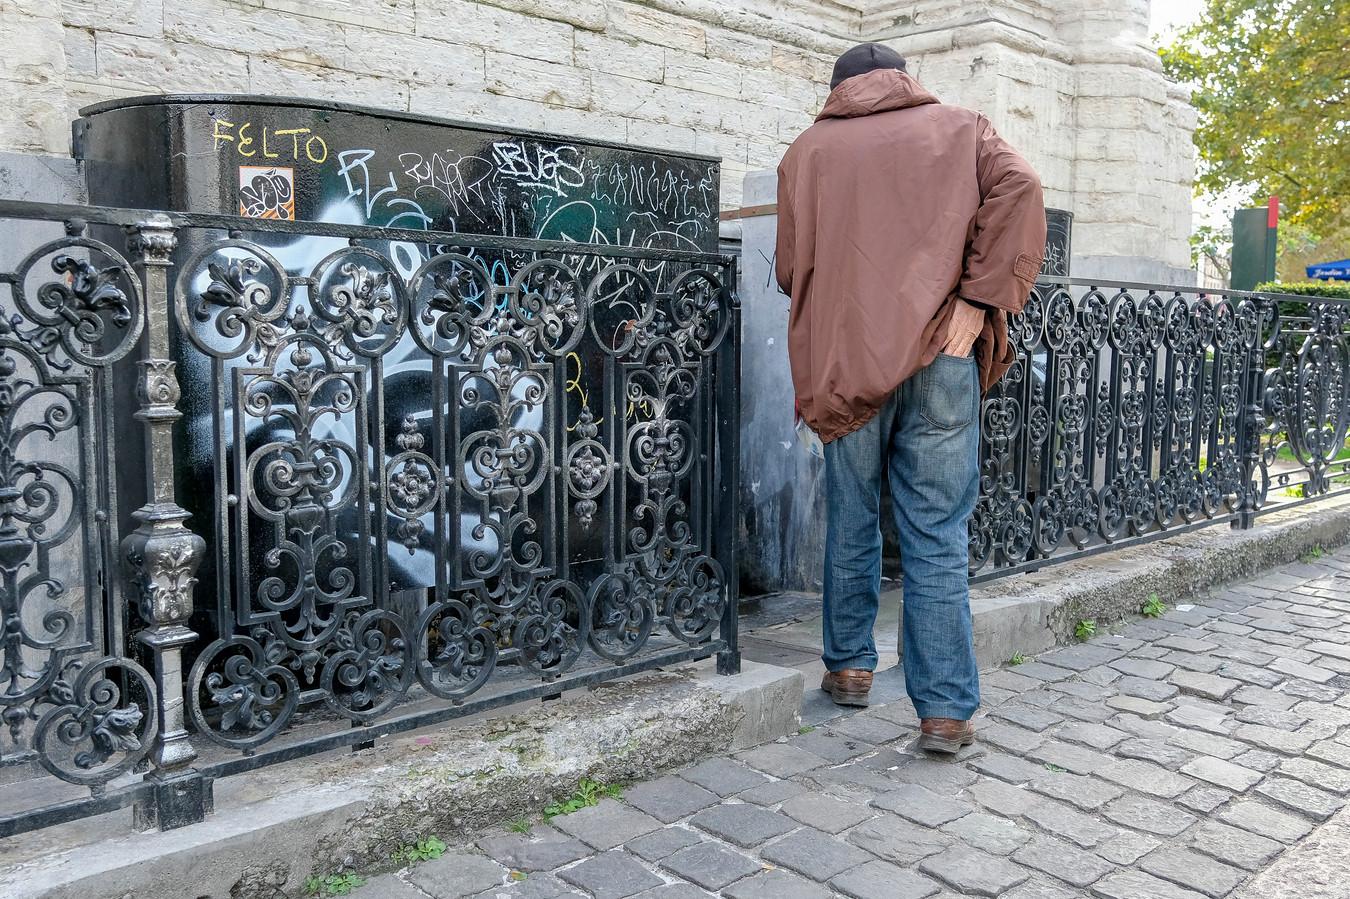 Een openbaar urinoir bij de Sint-Katelijnekerk.